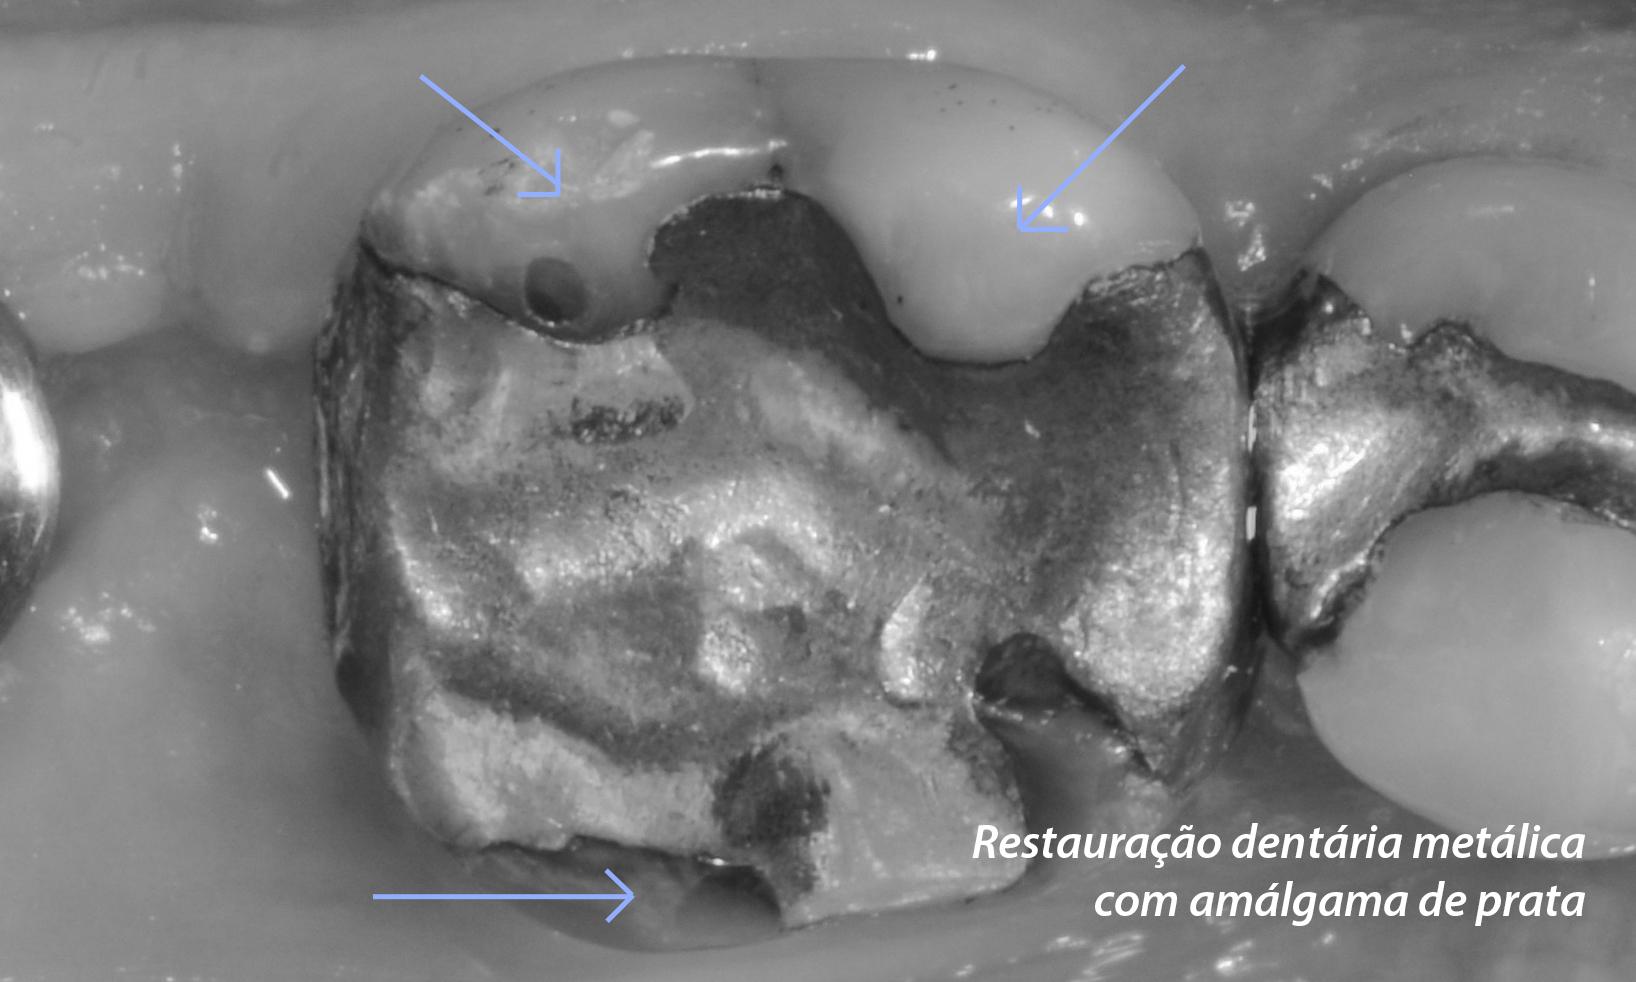 restauração dental com metal amálgama